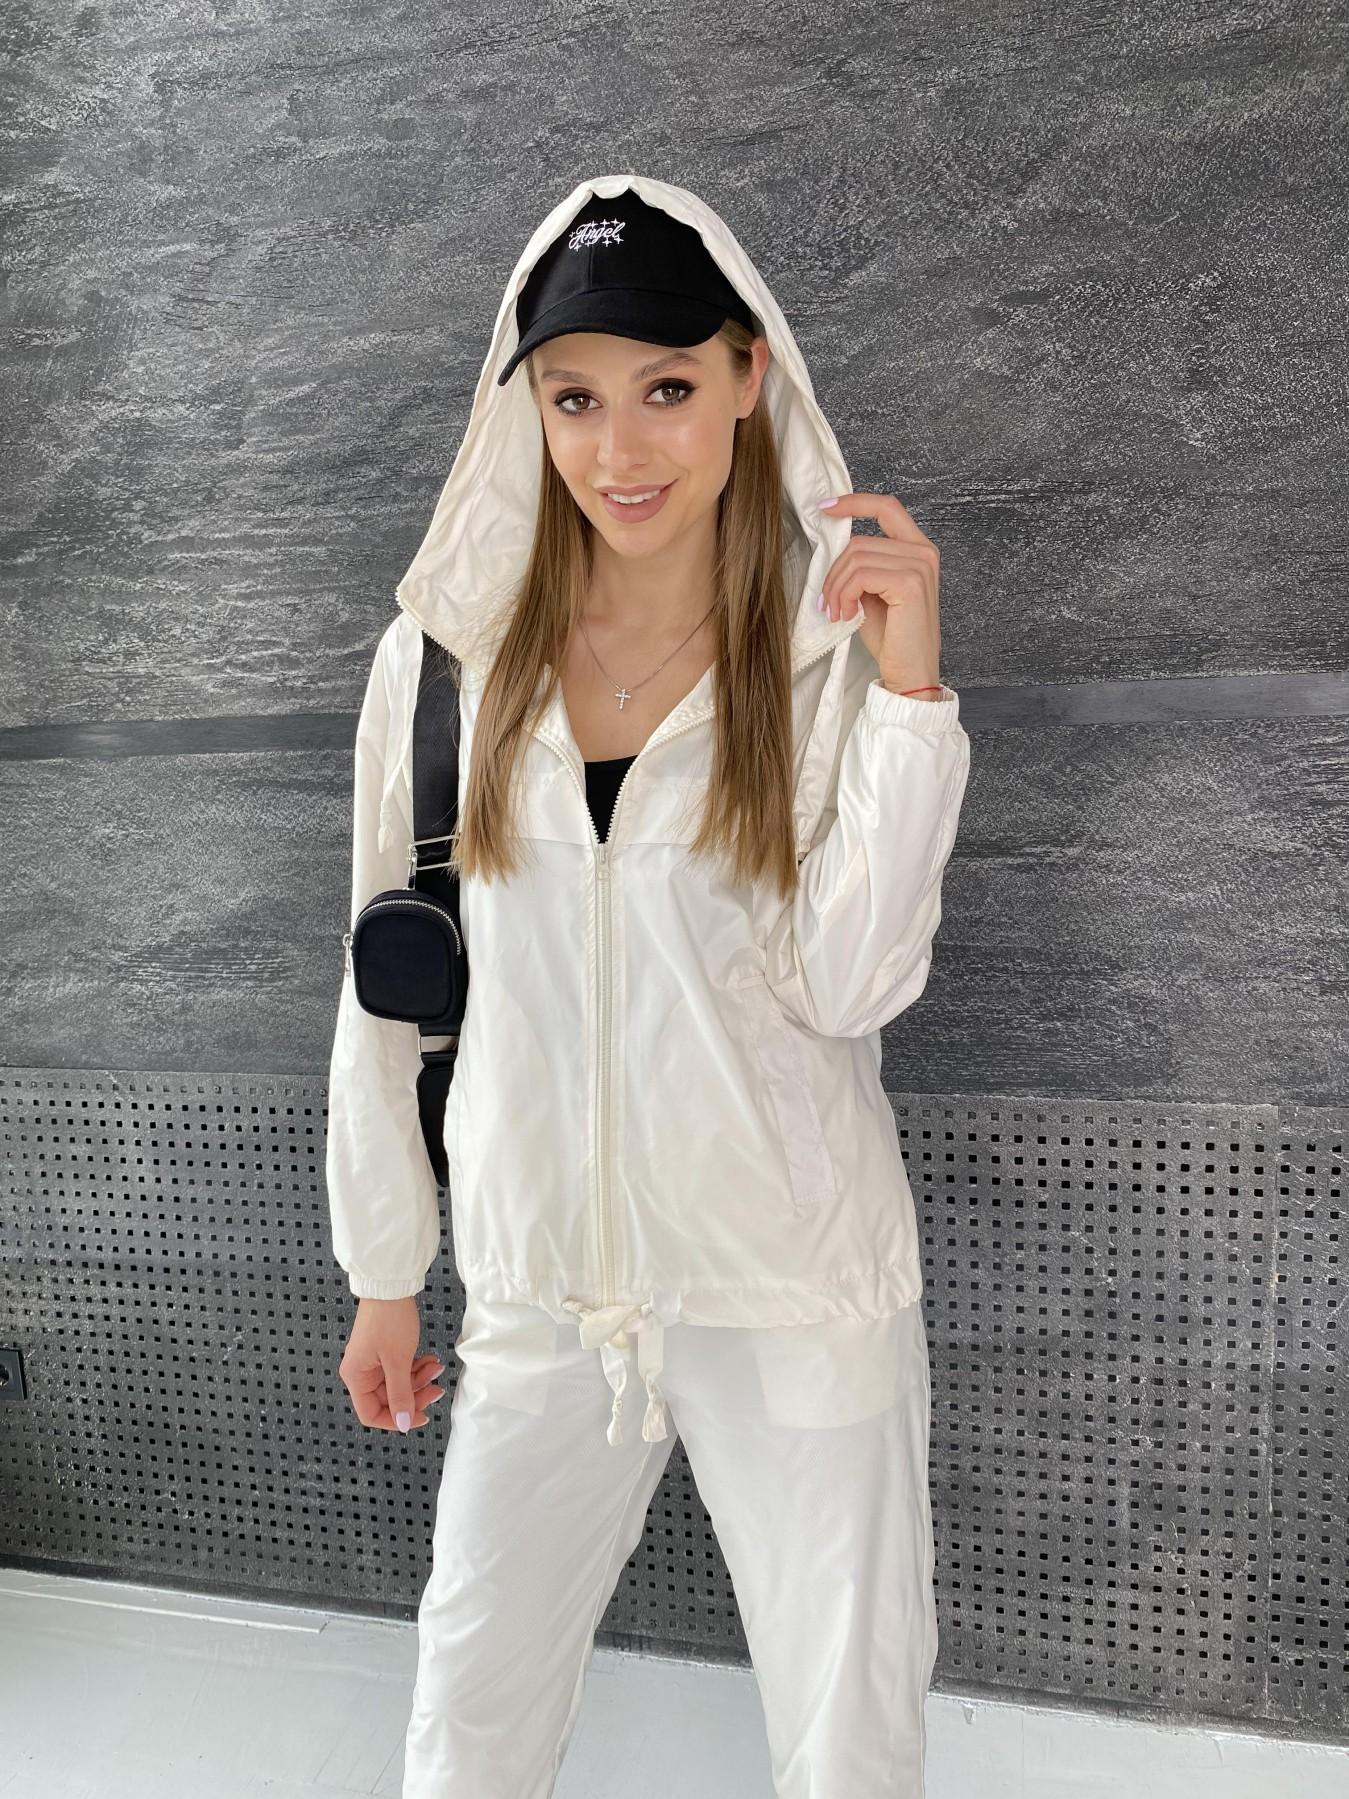 Фит костюм из плащевой ткани 11048 АРТ. 47533 Цвет: Молоко - фото 13, интернет магазин tm-modus.ru